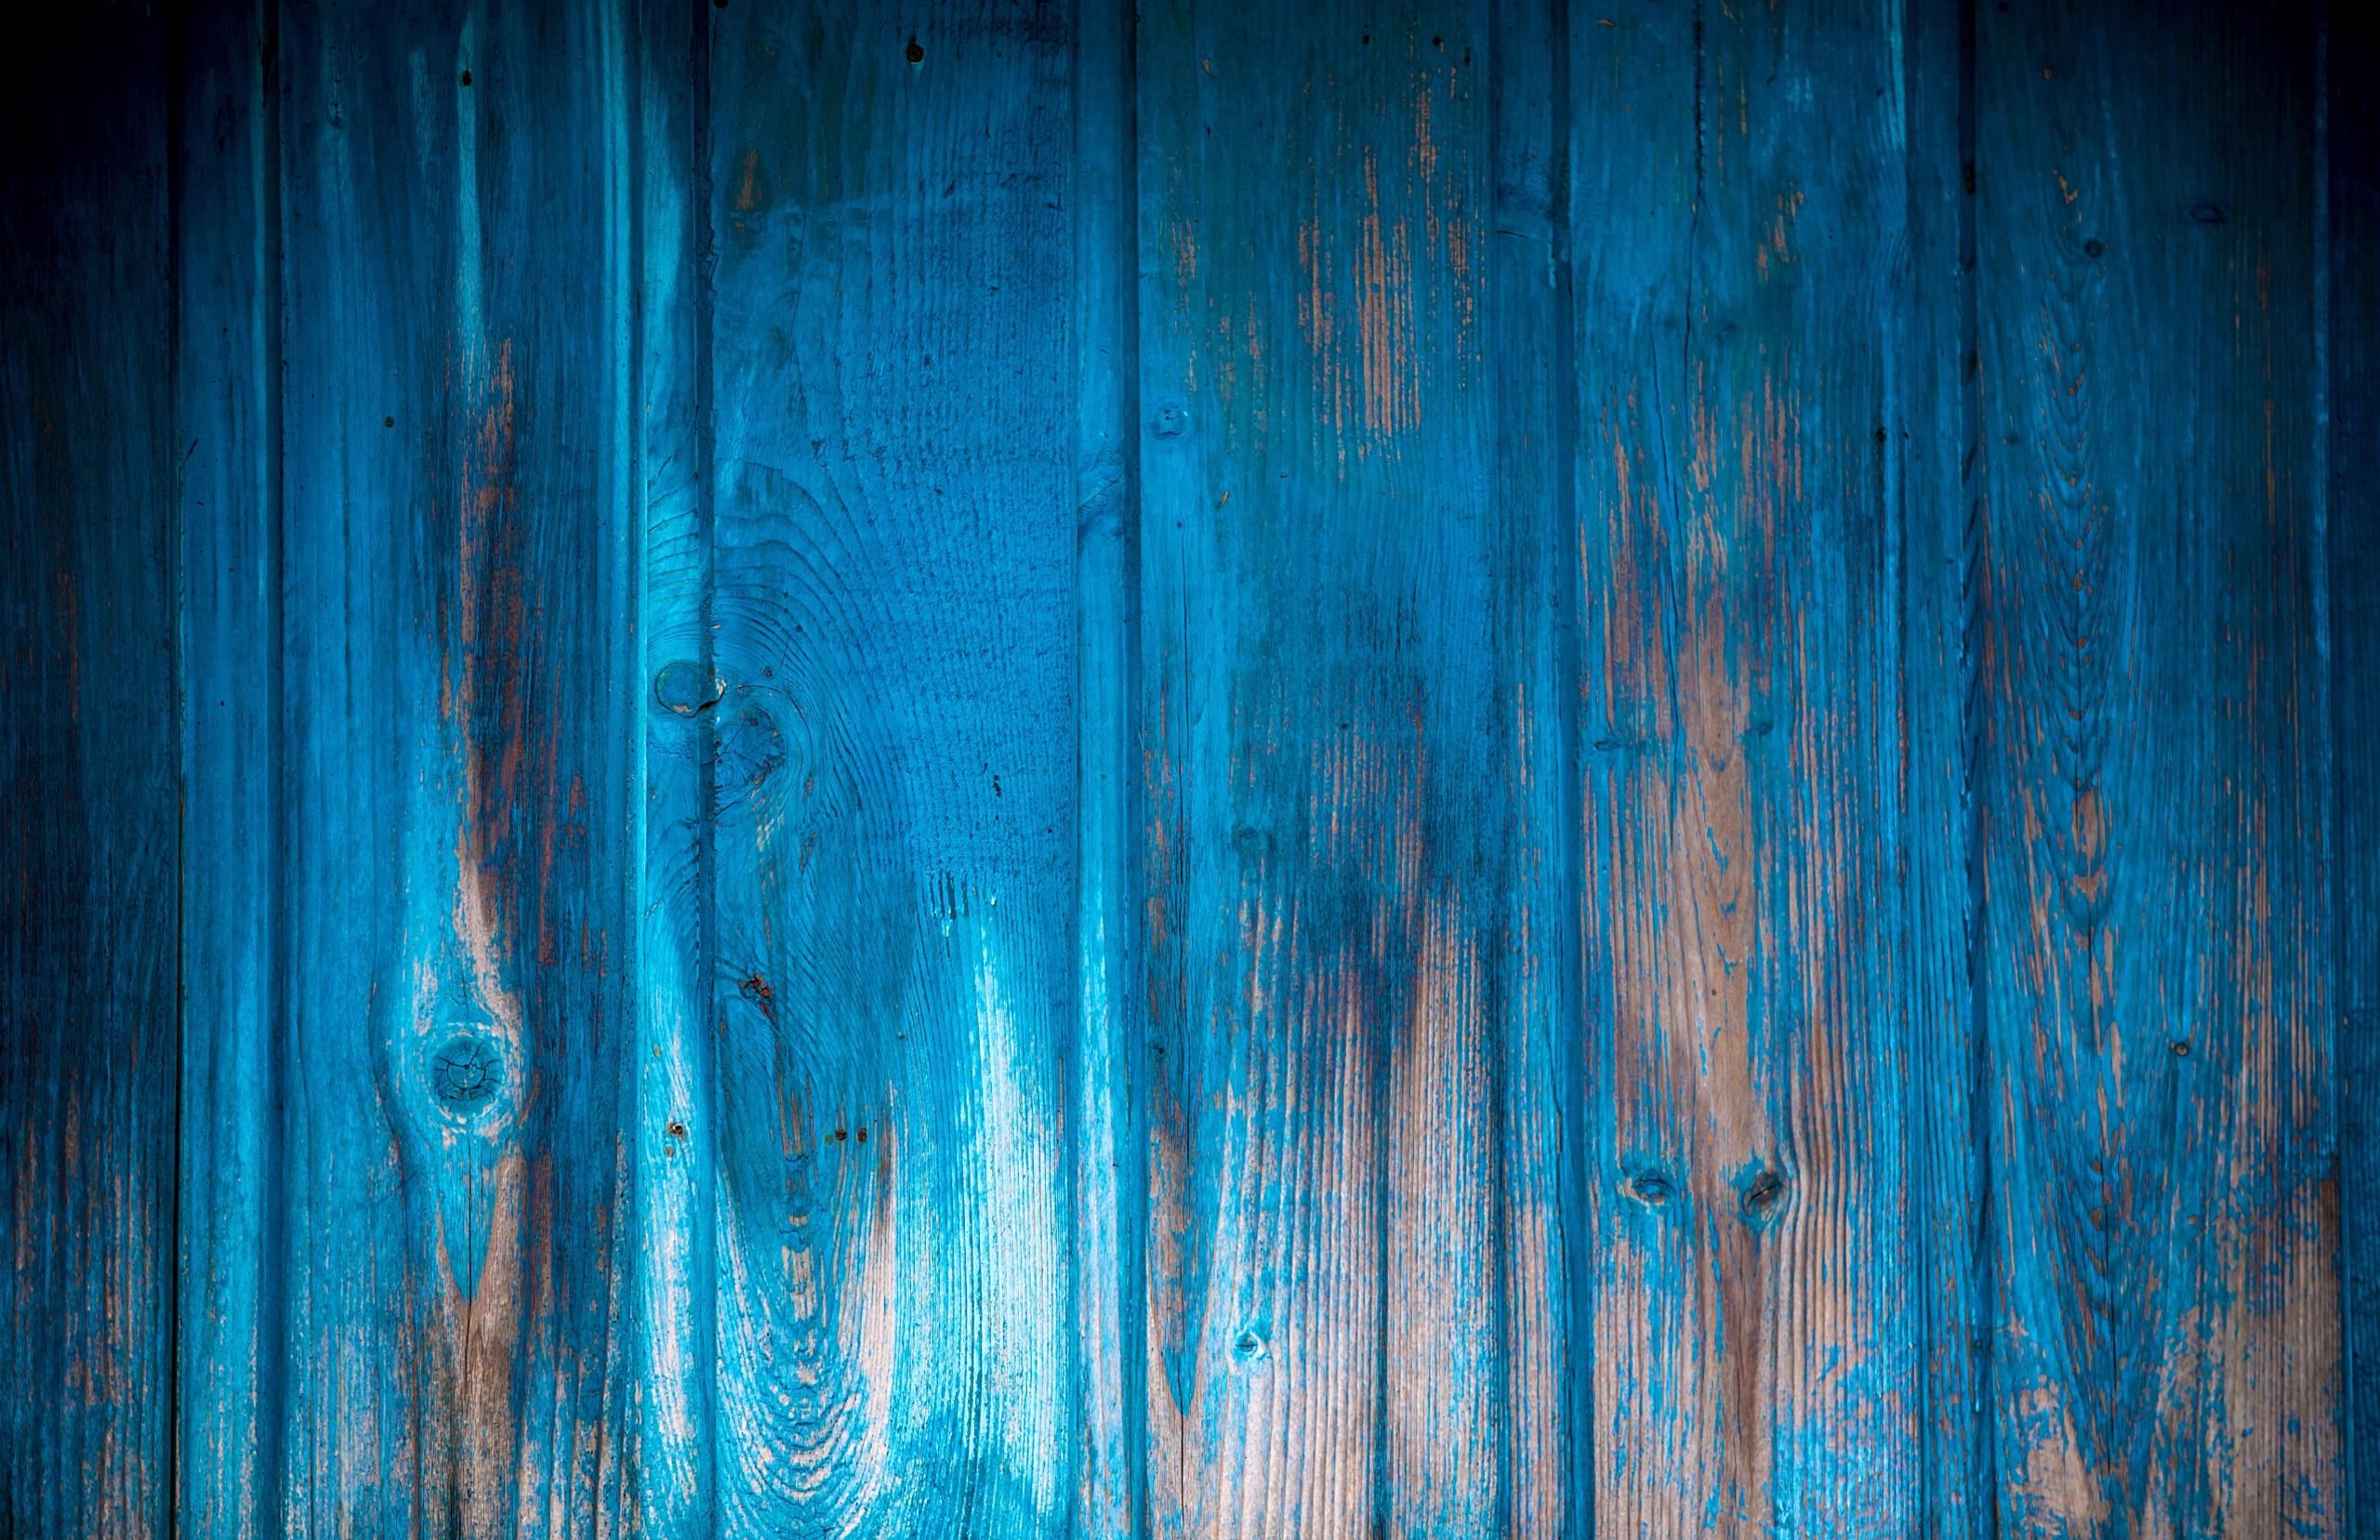 Fond d'écran : bois, bleu, texture 2560x1657 - WallpaperManiac - 1344081 - Fond d'écran - WallHere